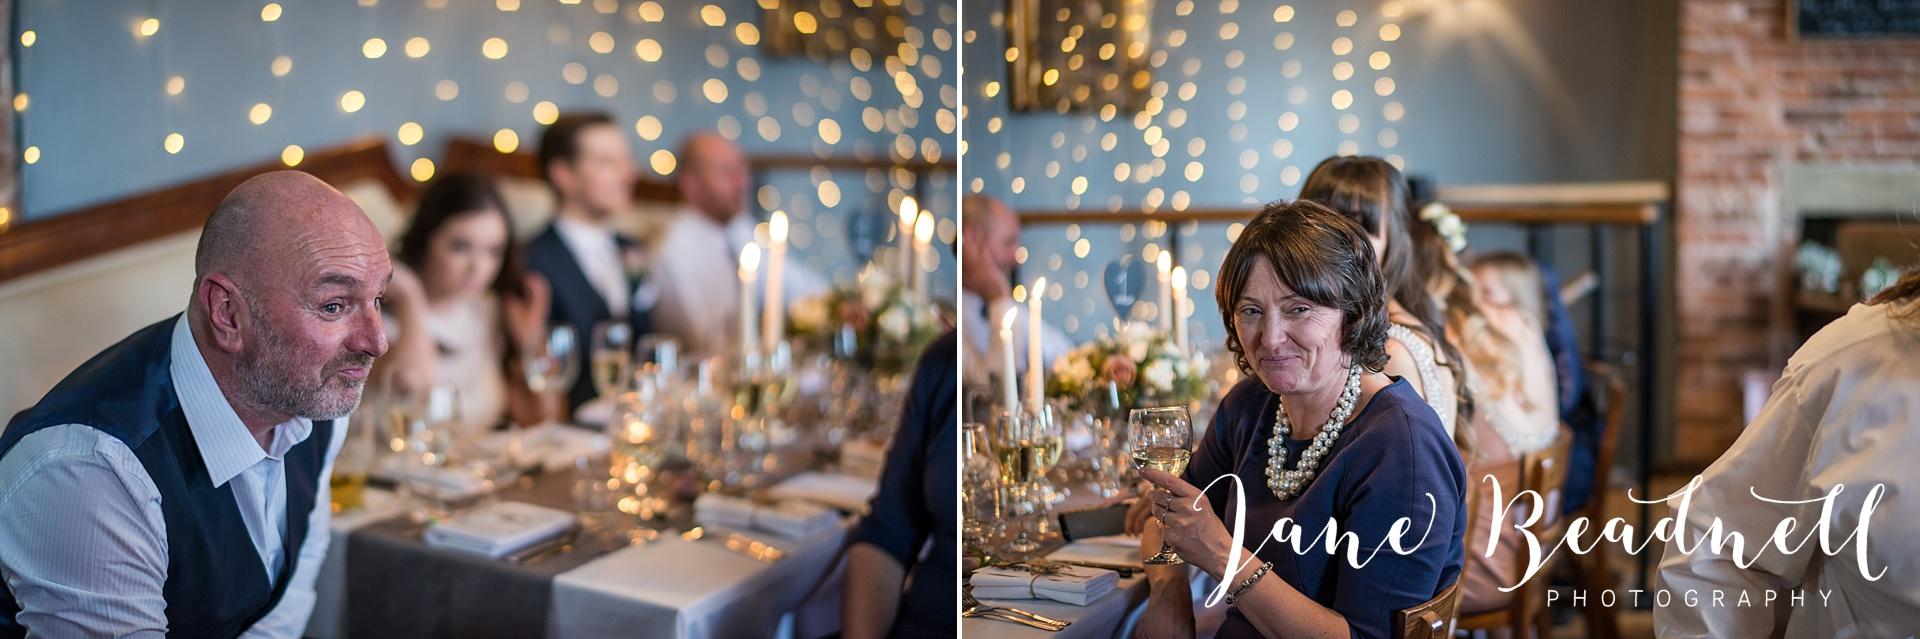 Wedding photography Cross Keys Leeds Wedding Jane Beadnell Photography_0134